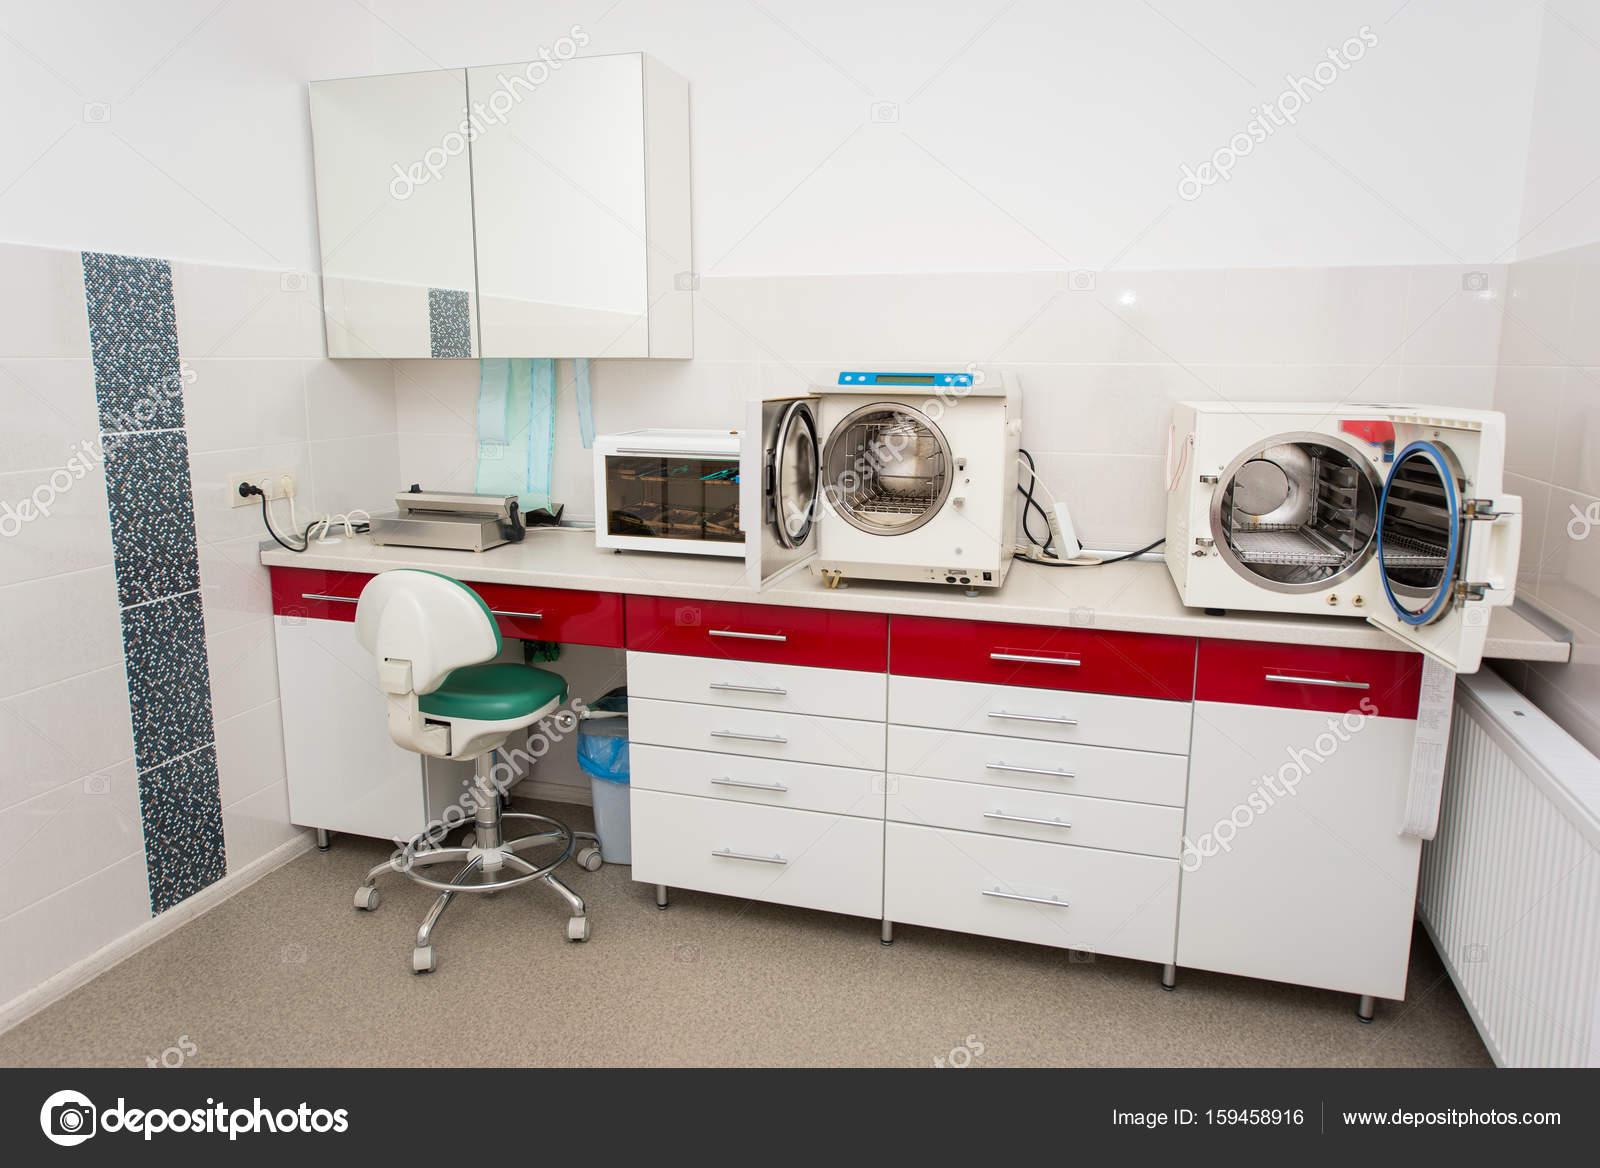 Cuarto Lugar De La Esterilizaci N En Odontolog A Foto De Stock  # Muebles Dentales Selecto